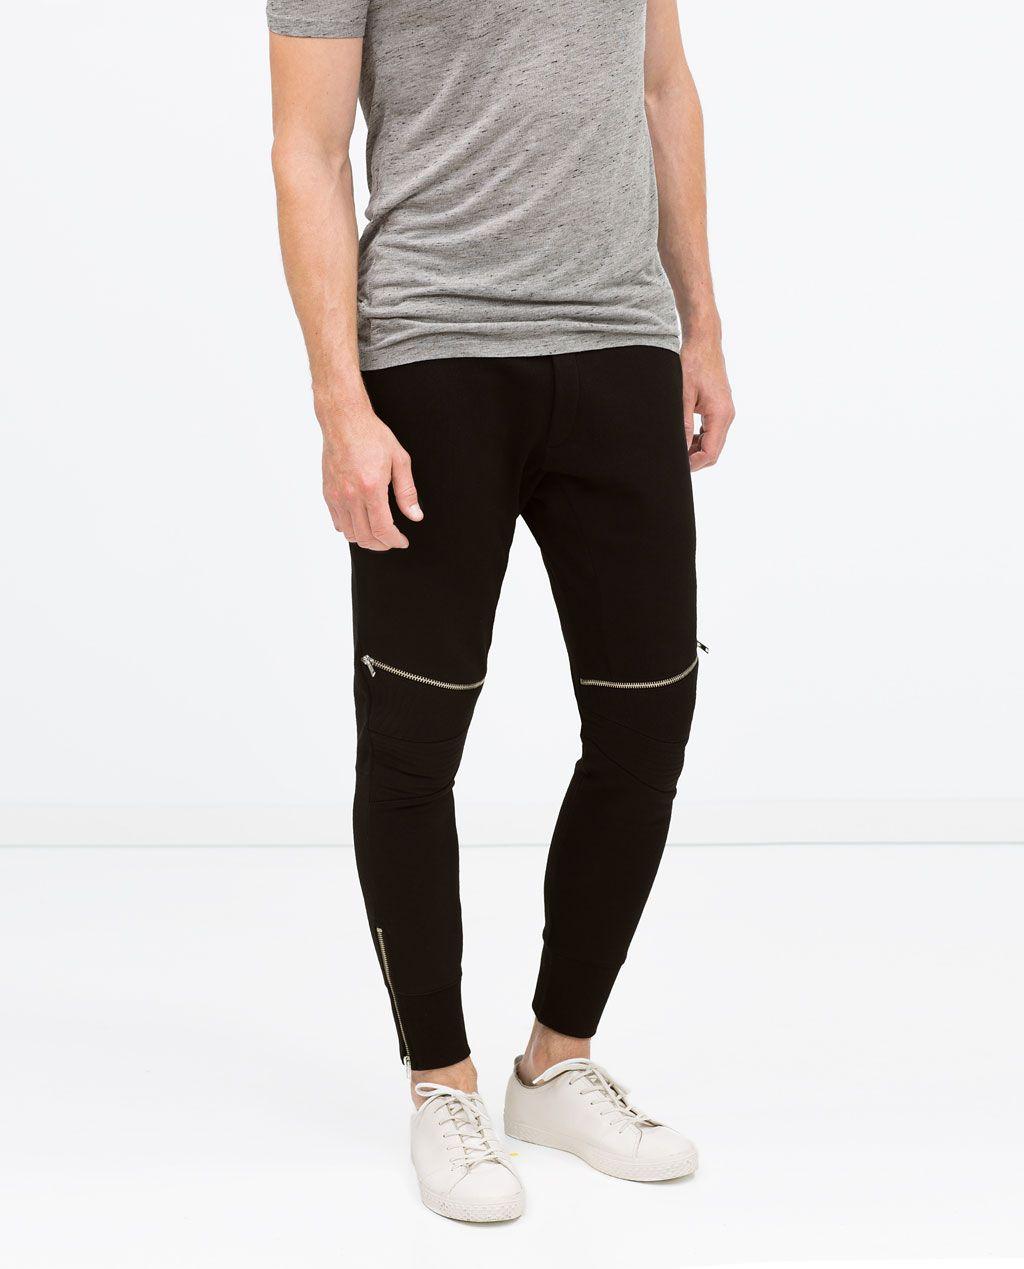 ZARA - MAN - BIKER TROUSERS | Pantalones, Pantalon hombre ...